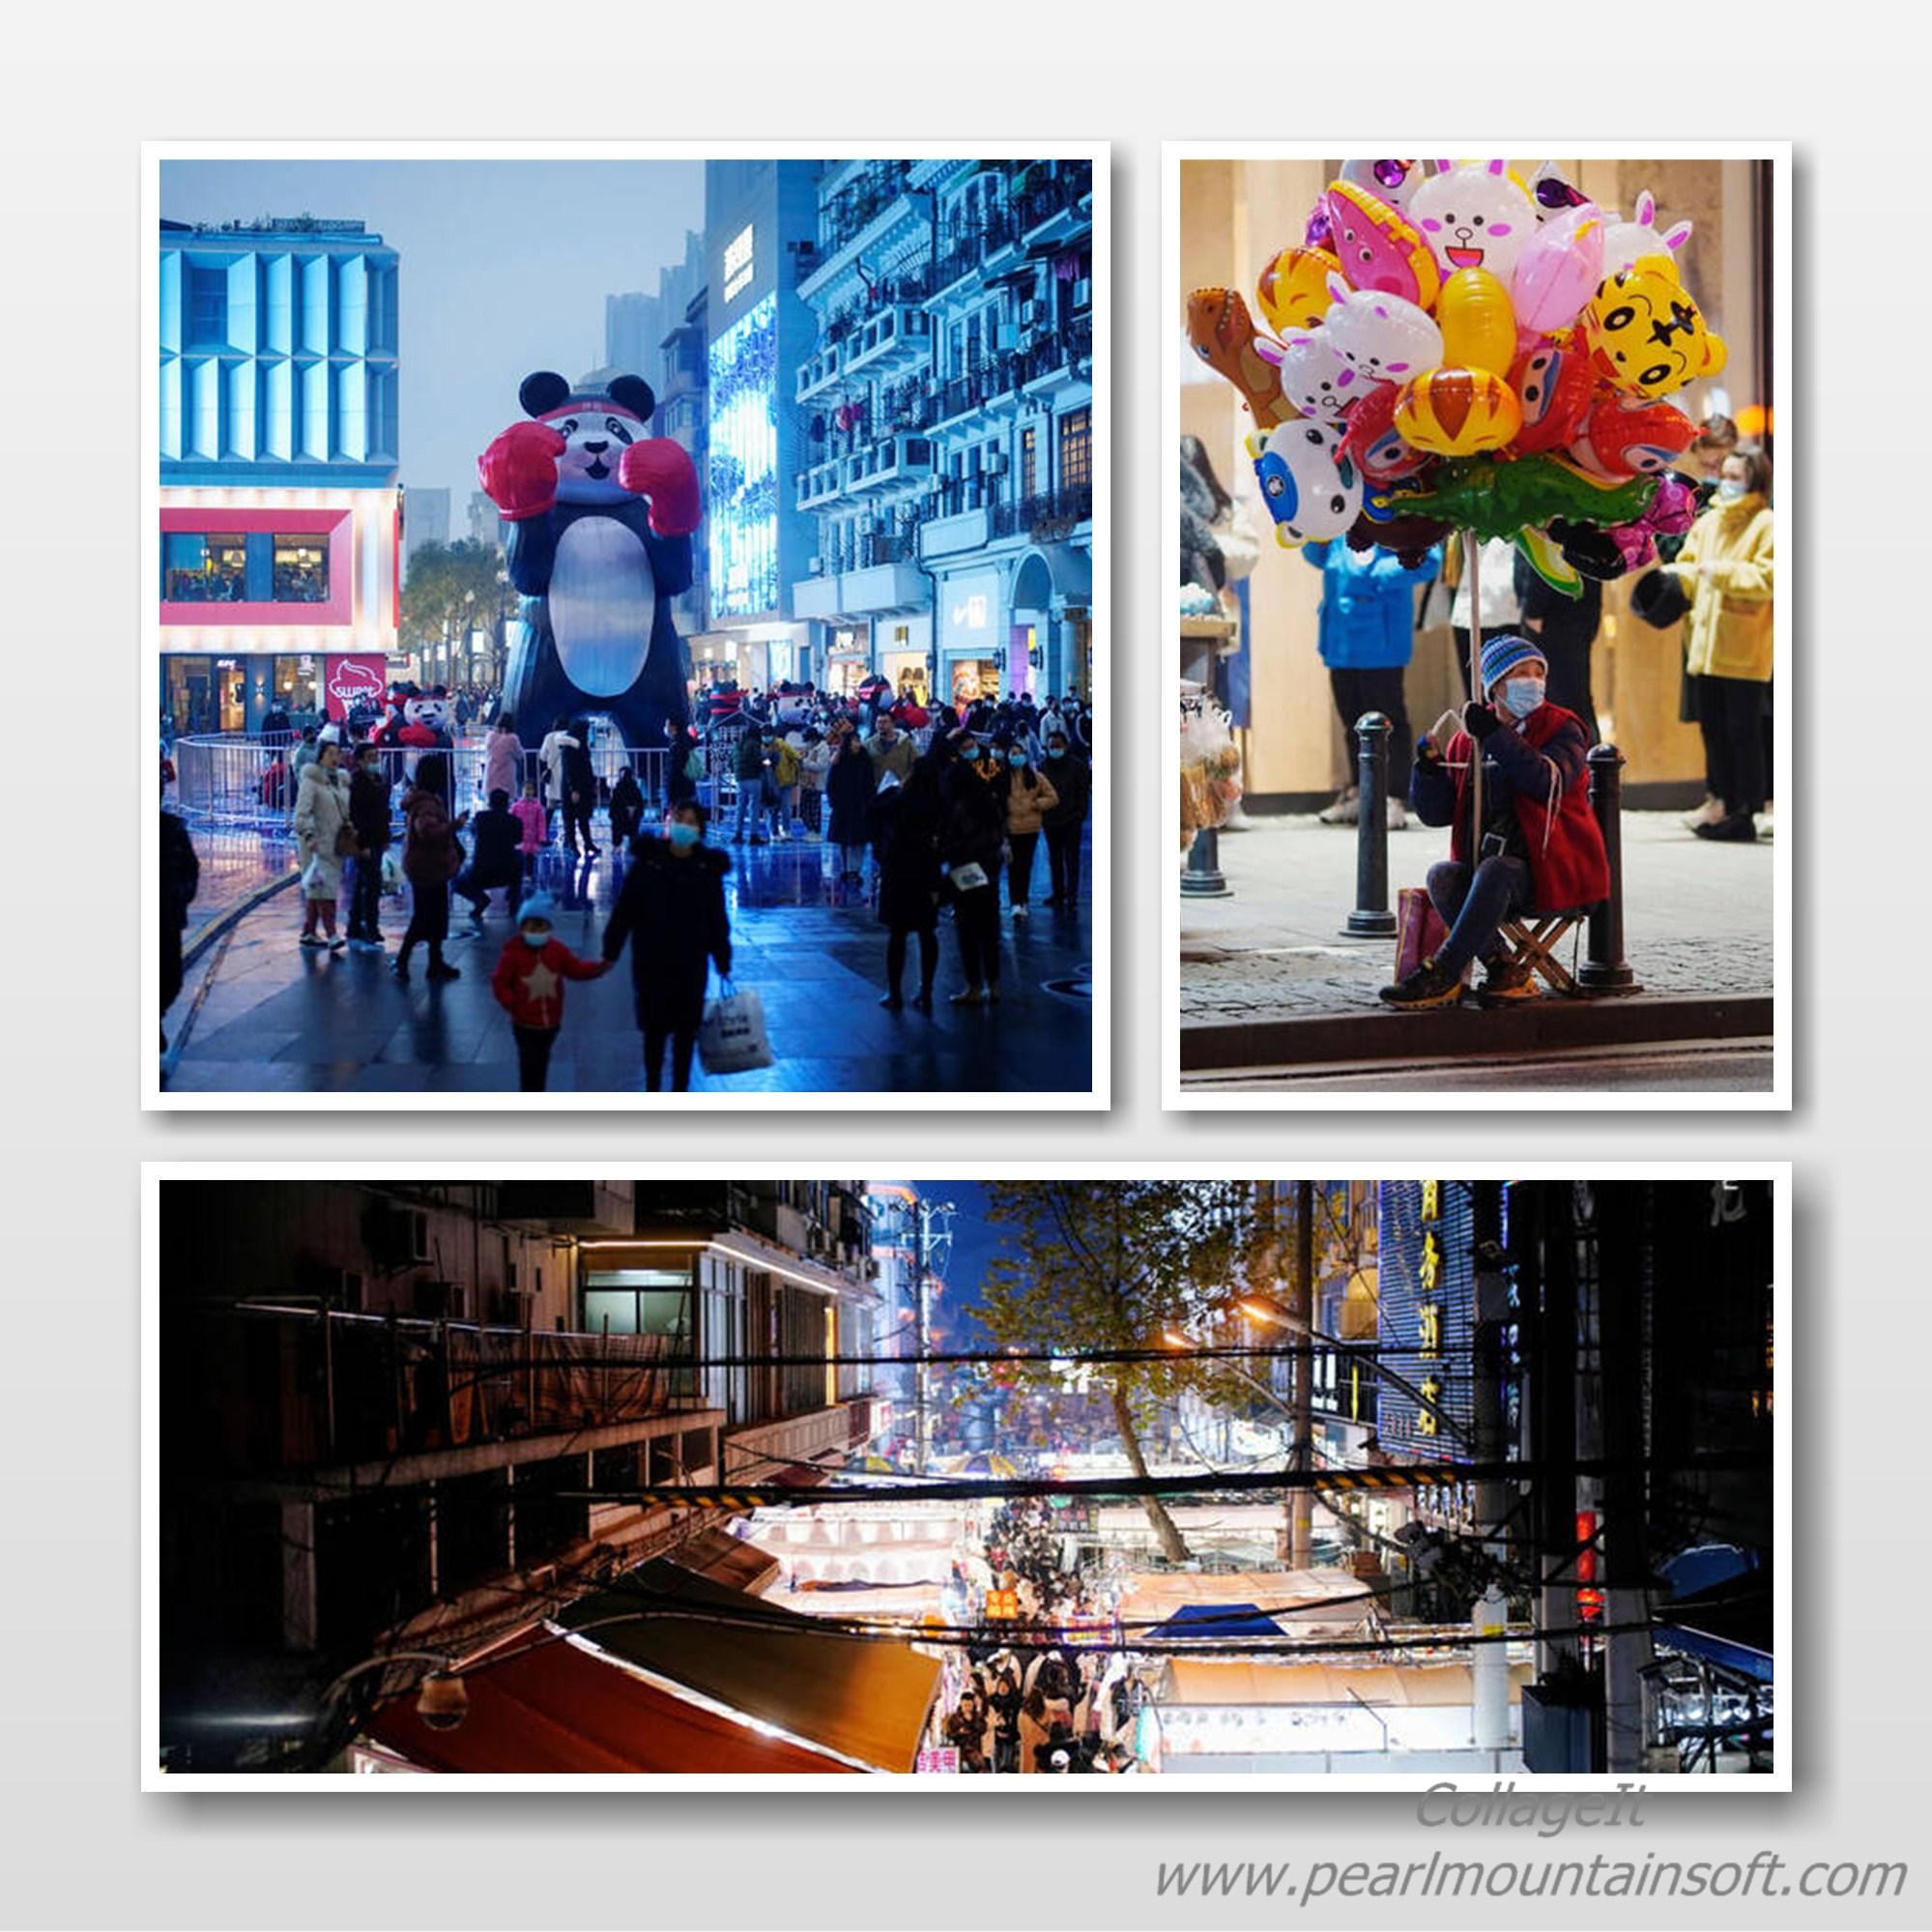 ووهان چین یکسال بعد از شیوع کرونا+تصاویر ووهان چین یکسال بعد از شیوع کرونا+تصاویر ووهان چین یکسال بعد از شیوع کرونا+تصاویر